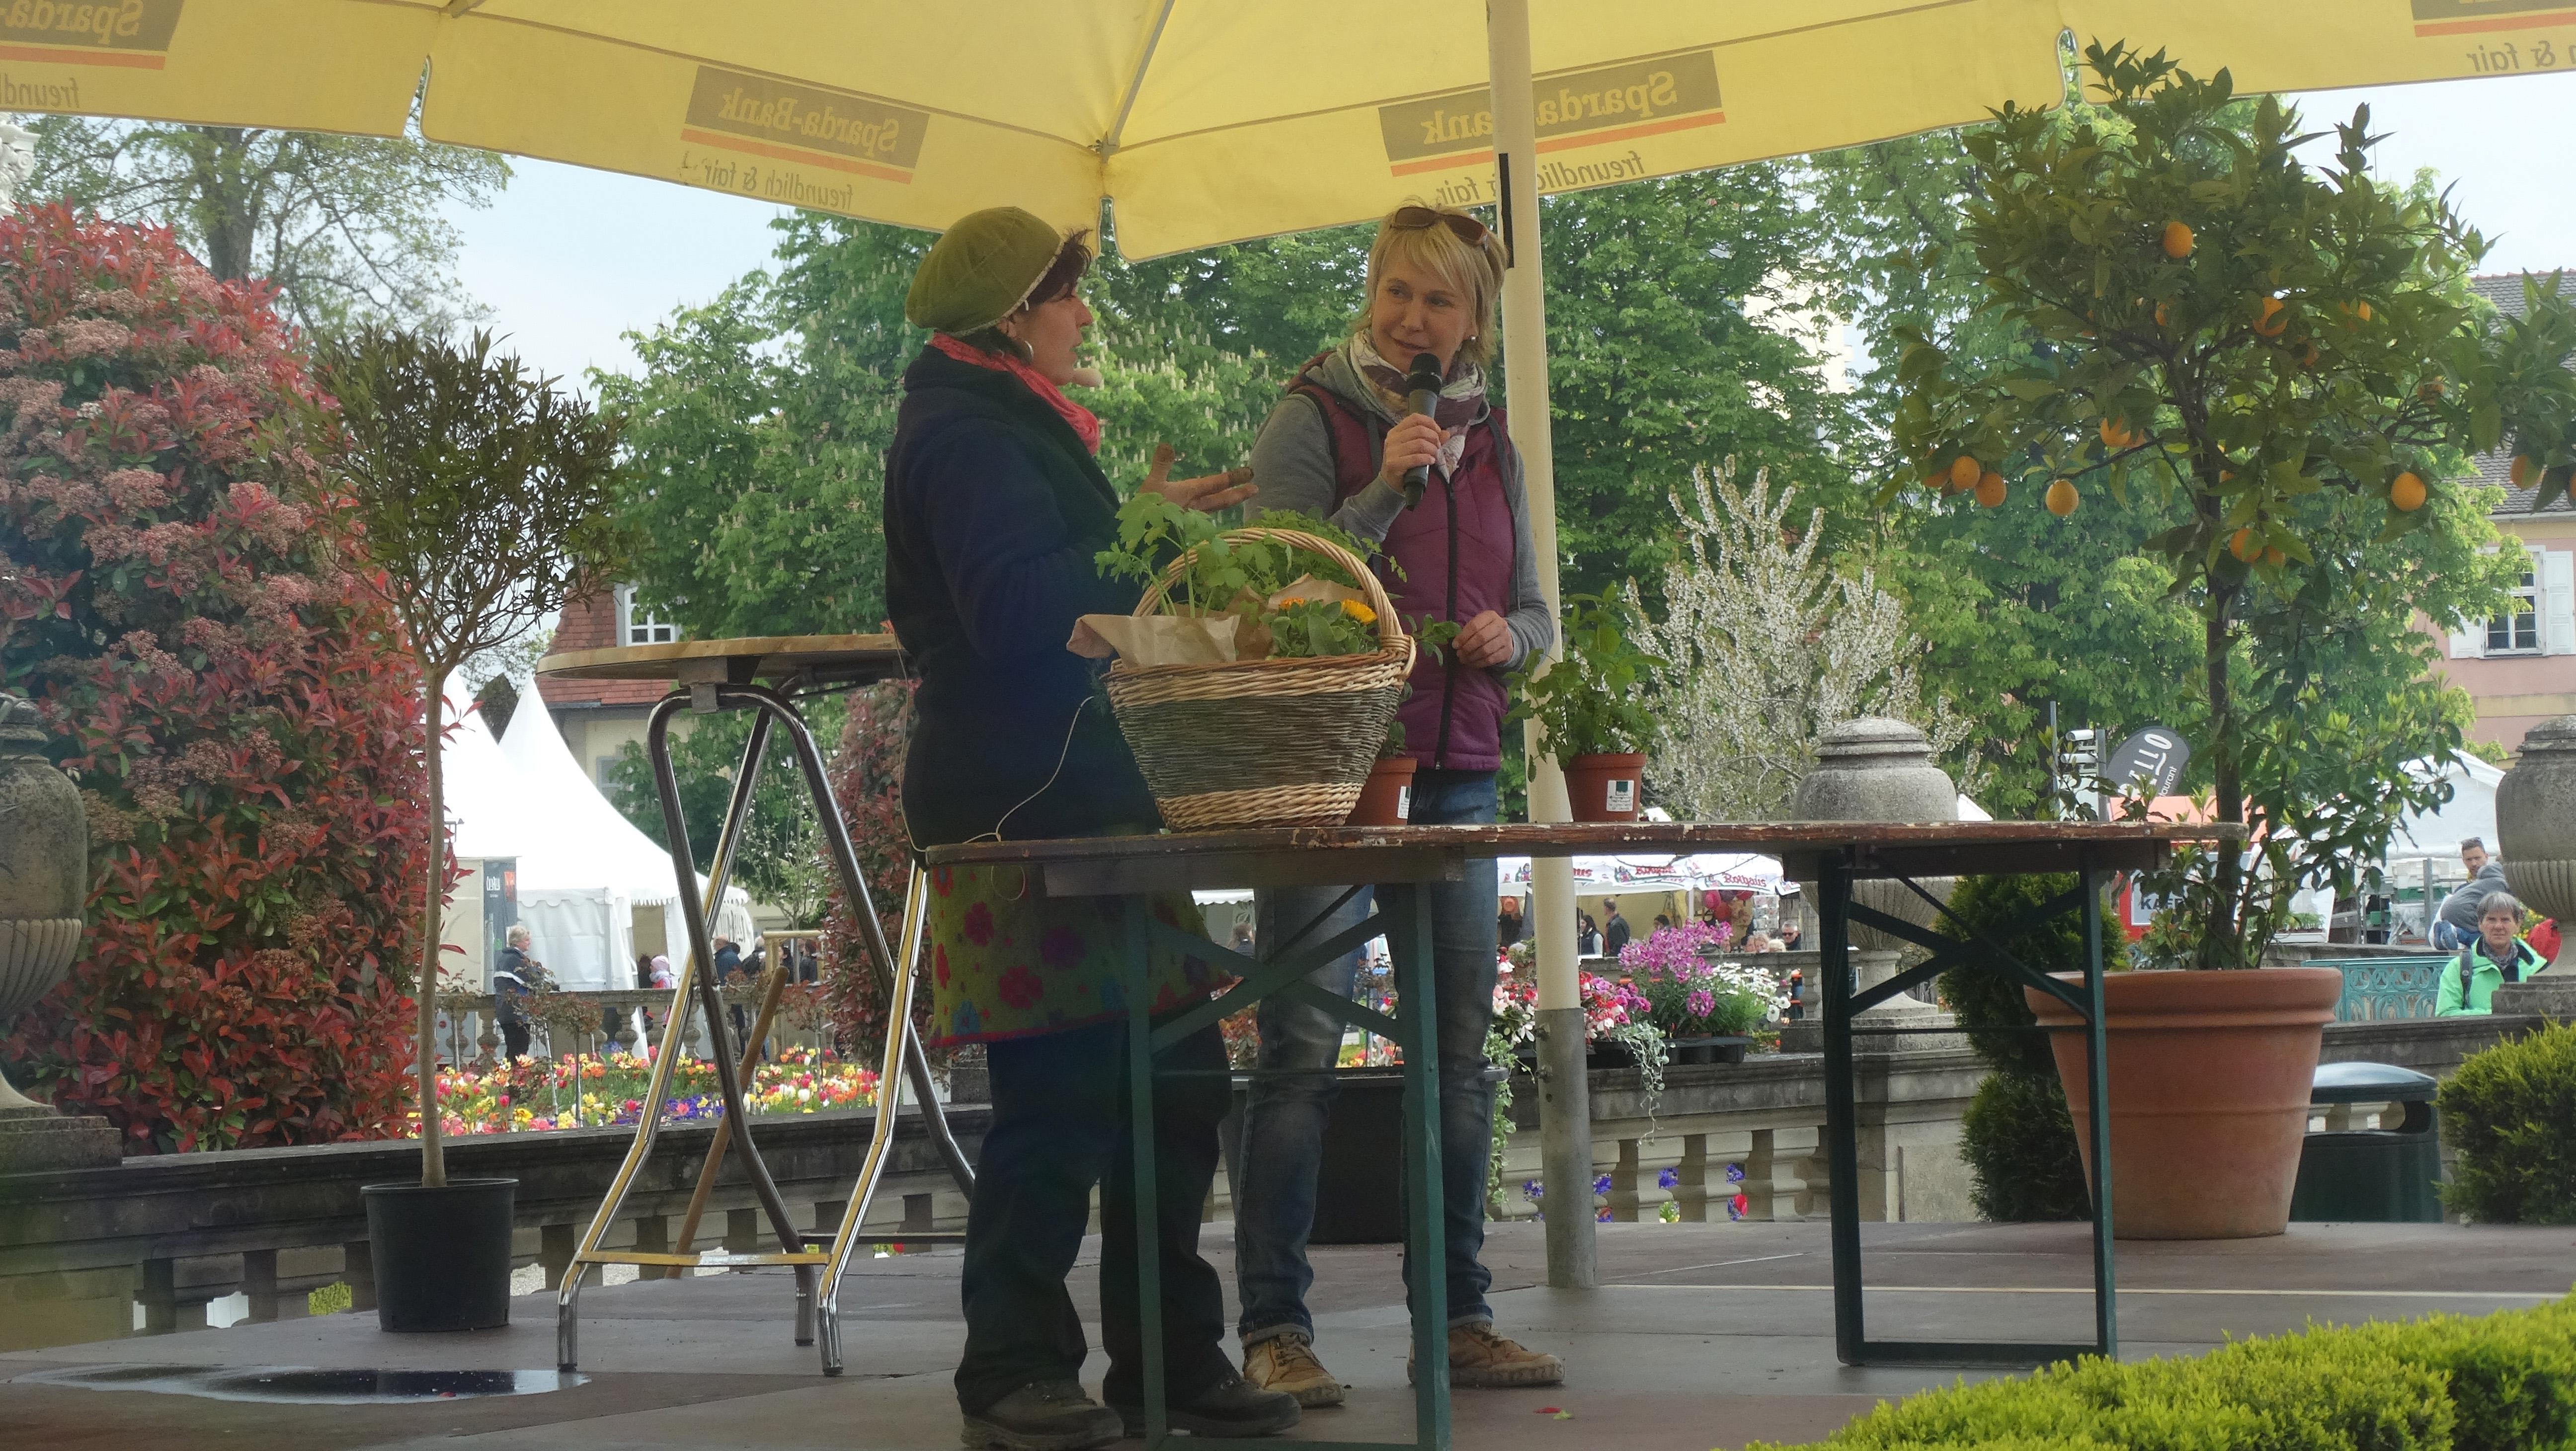 Bühnenmoderation Andrea Müller der Barocken Gartentage im Blühenden Barock in Ludwigsburg, Mai 2016